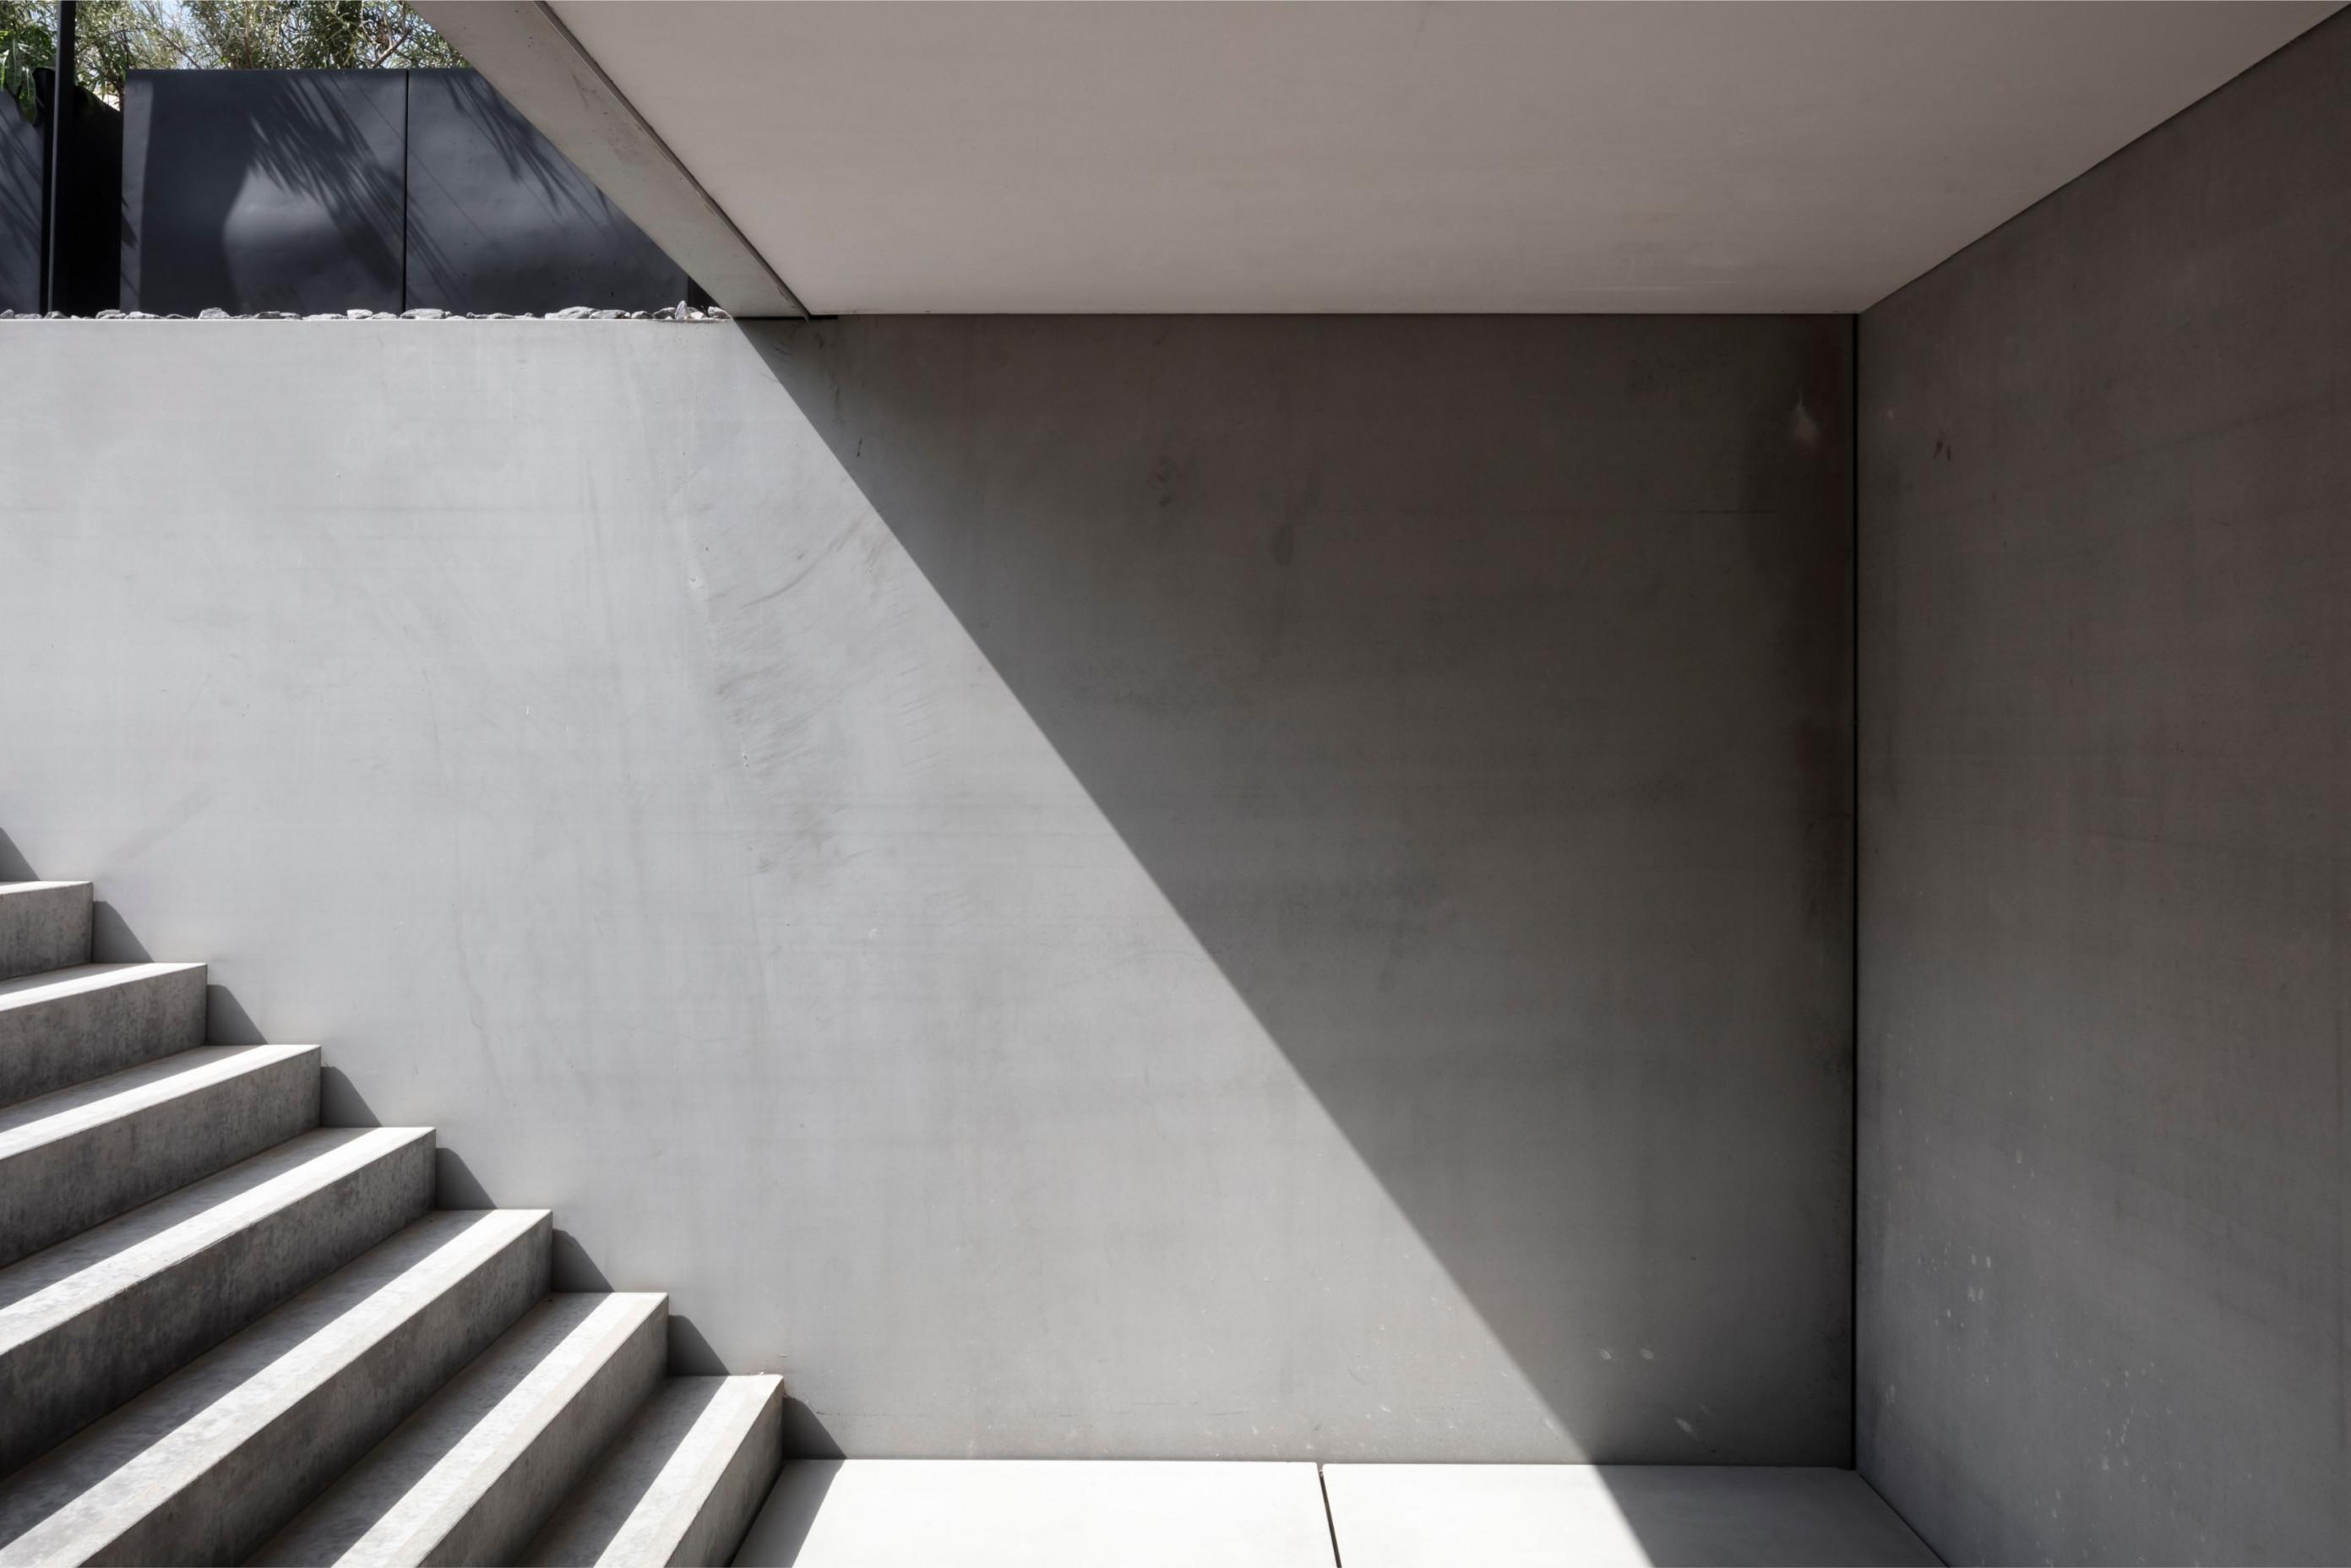 Hans Wegner - Rietveldprojects - Koksijde - Tvdv29.jpg